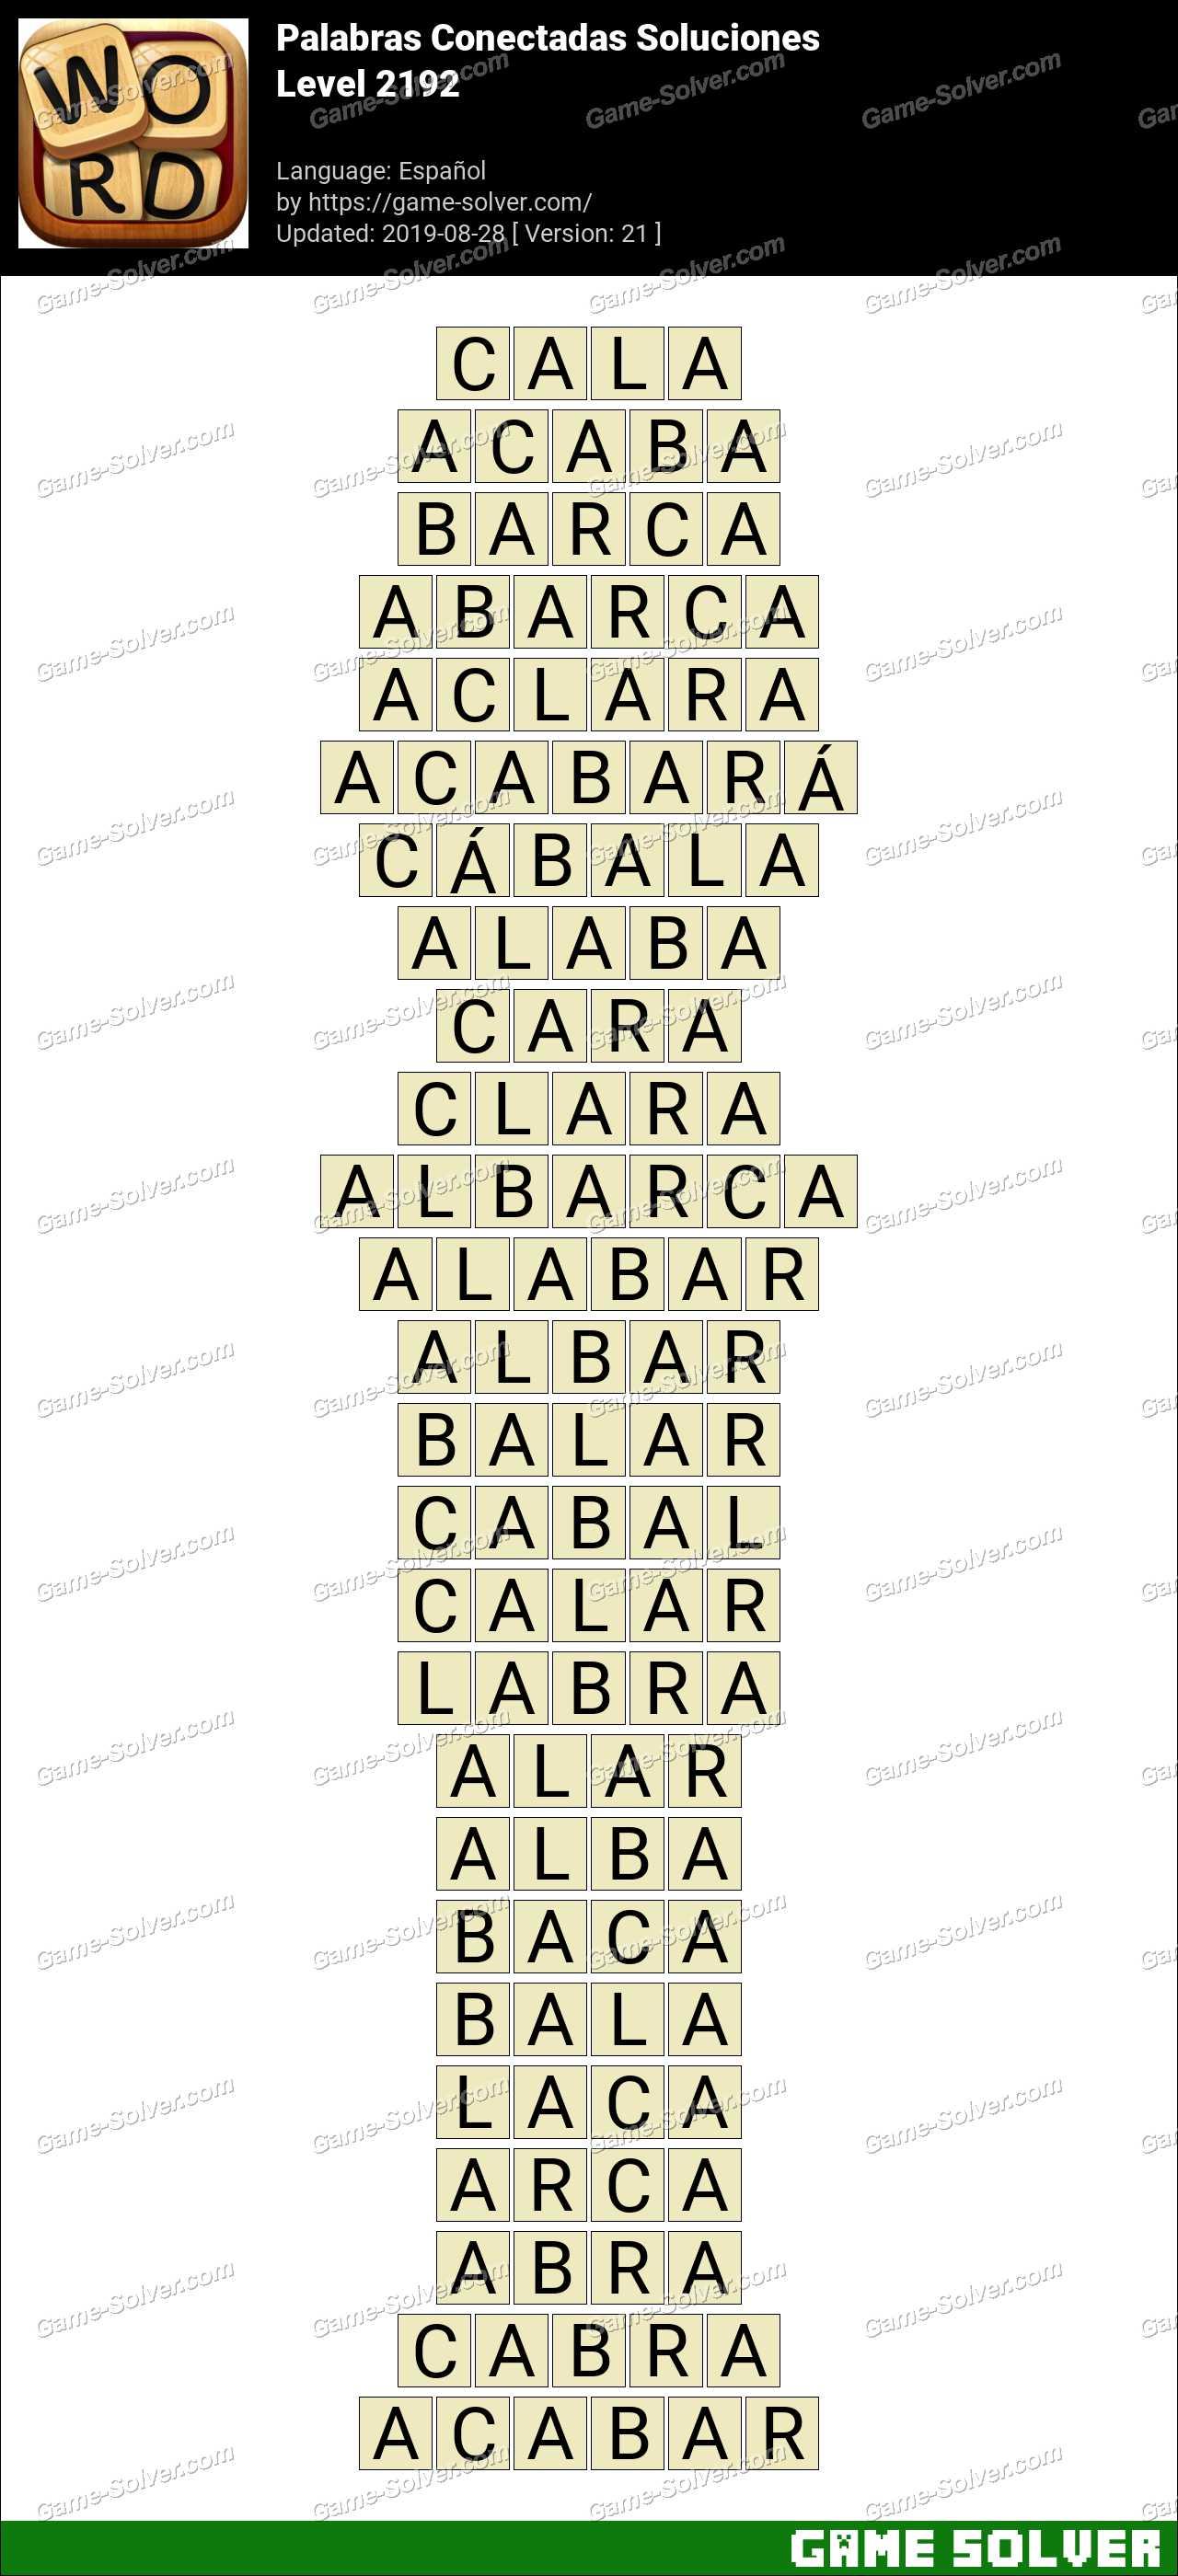 Palabras Conectadas Nivel 2192 Soluciones